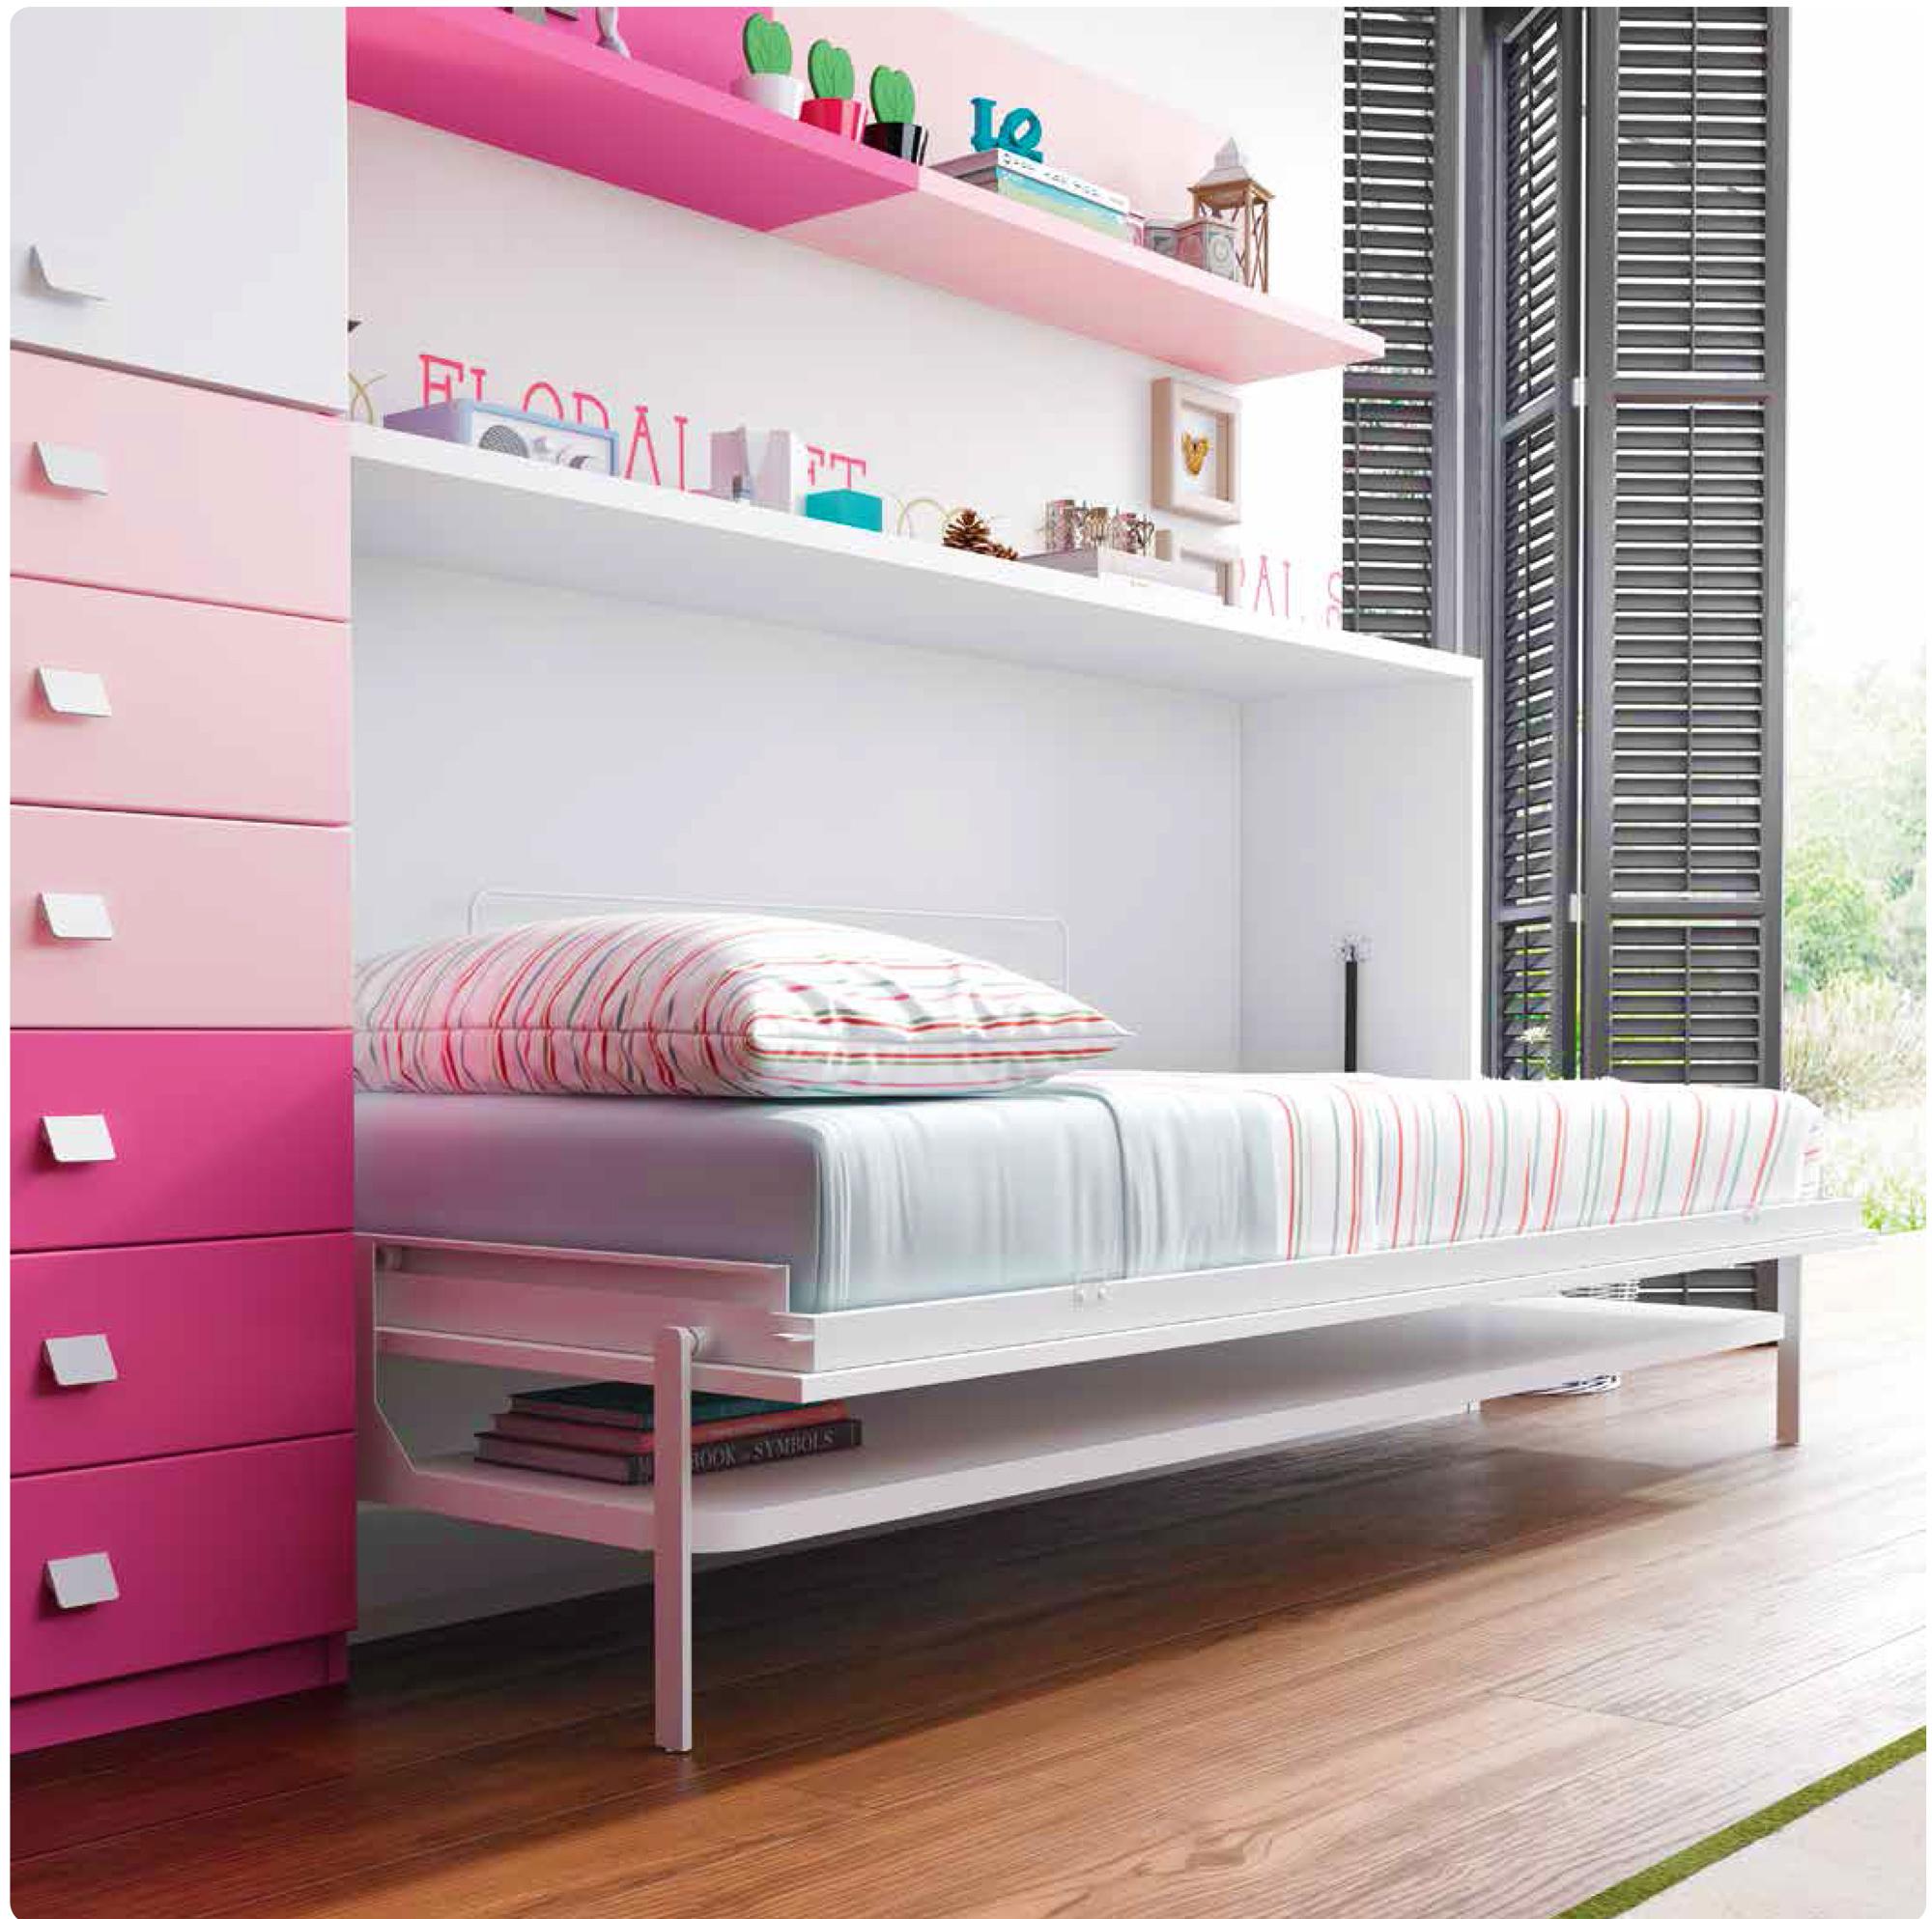 Lit Canapé Escamotable Ikea Meilleur De Photos Lit Escamotable Une Personne 9 Avec Le Guide D Achat Du Lit